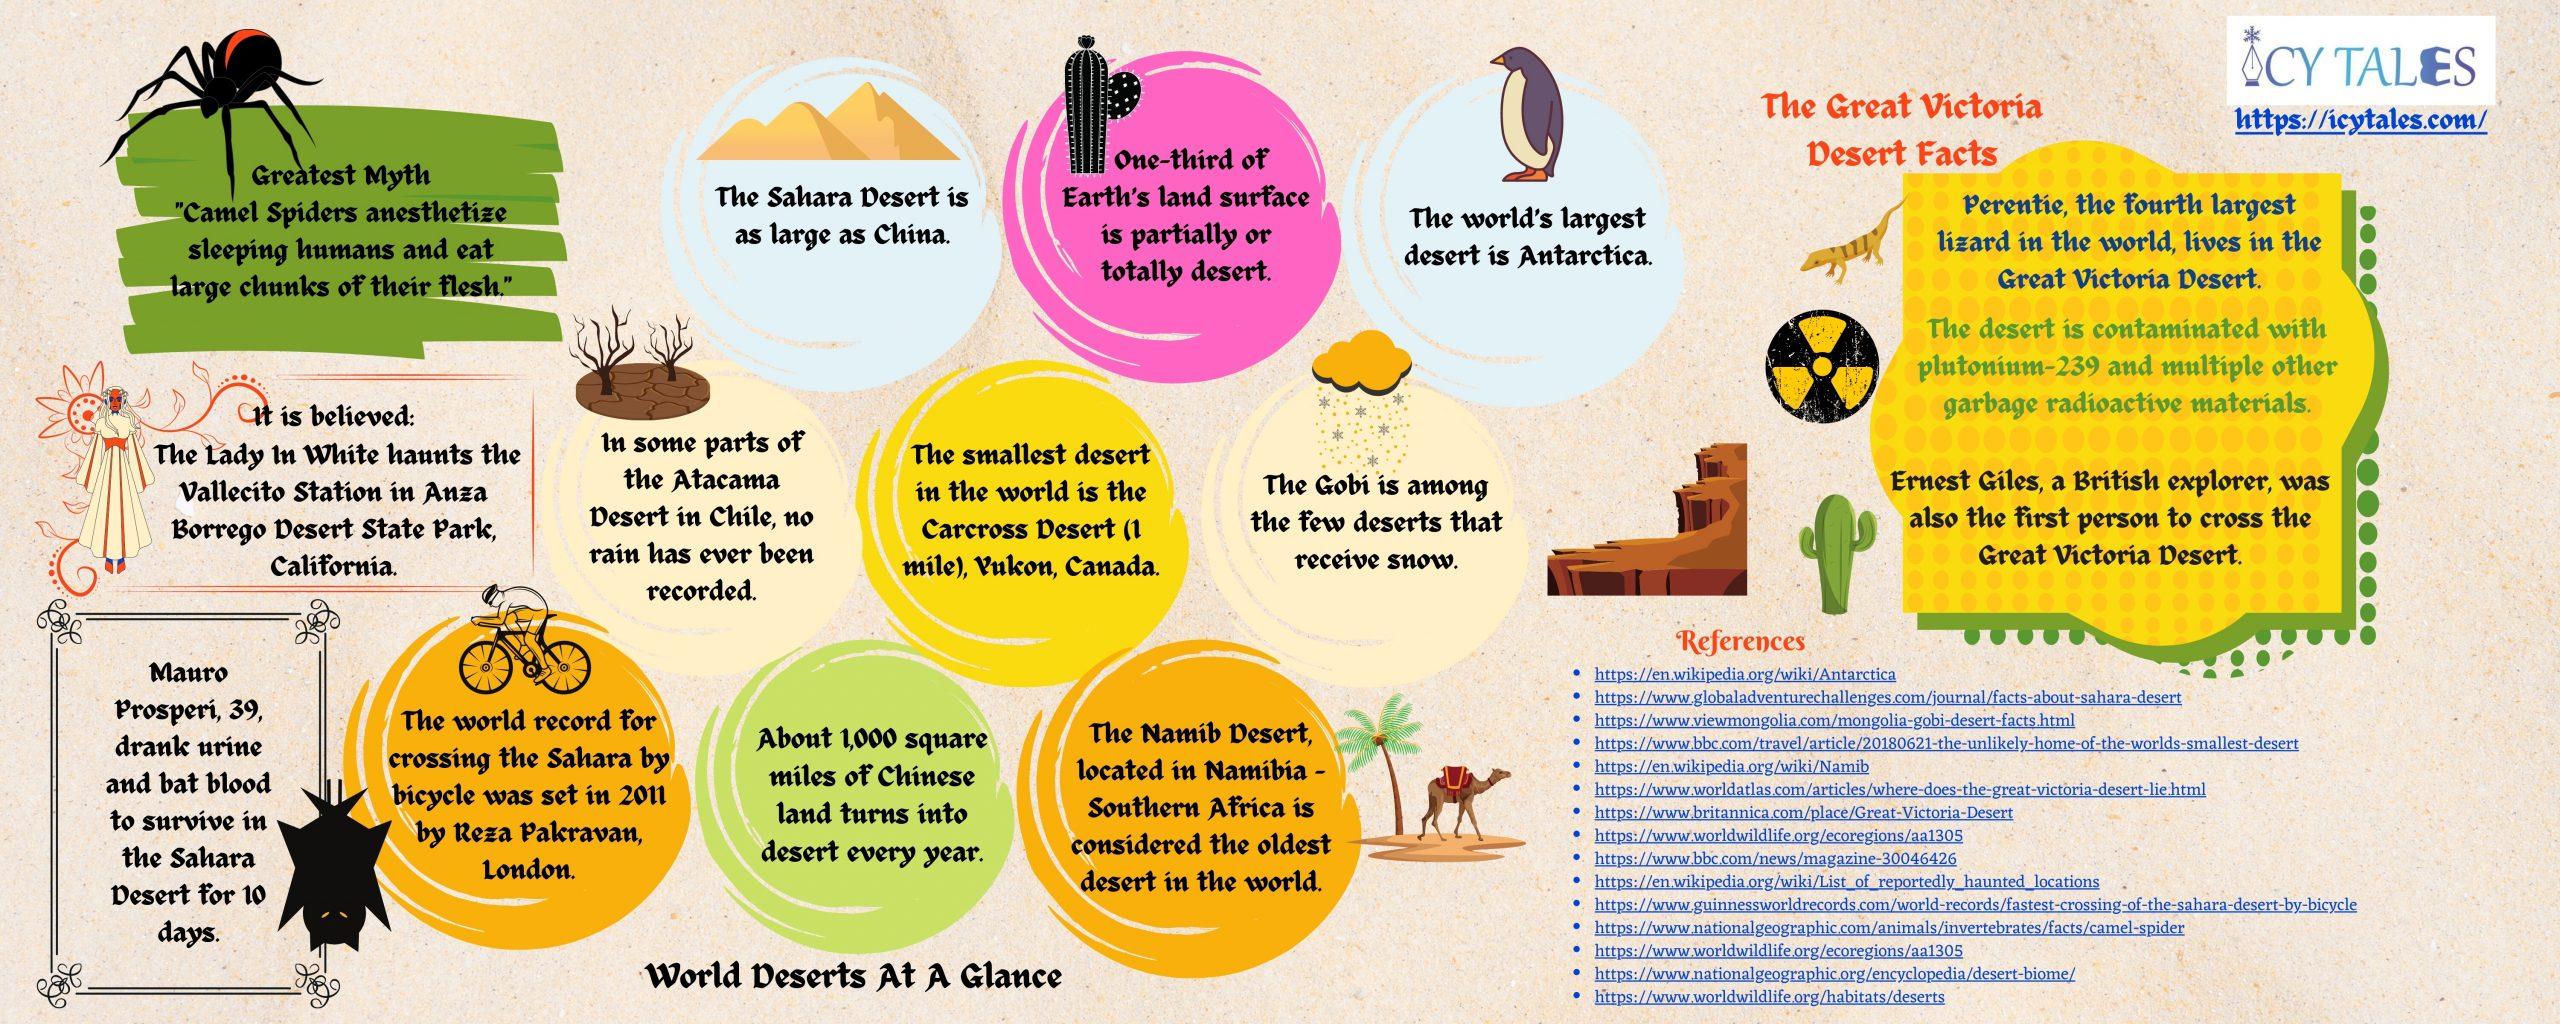 World Deserts At A Glance